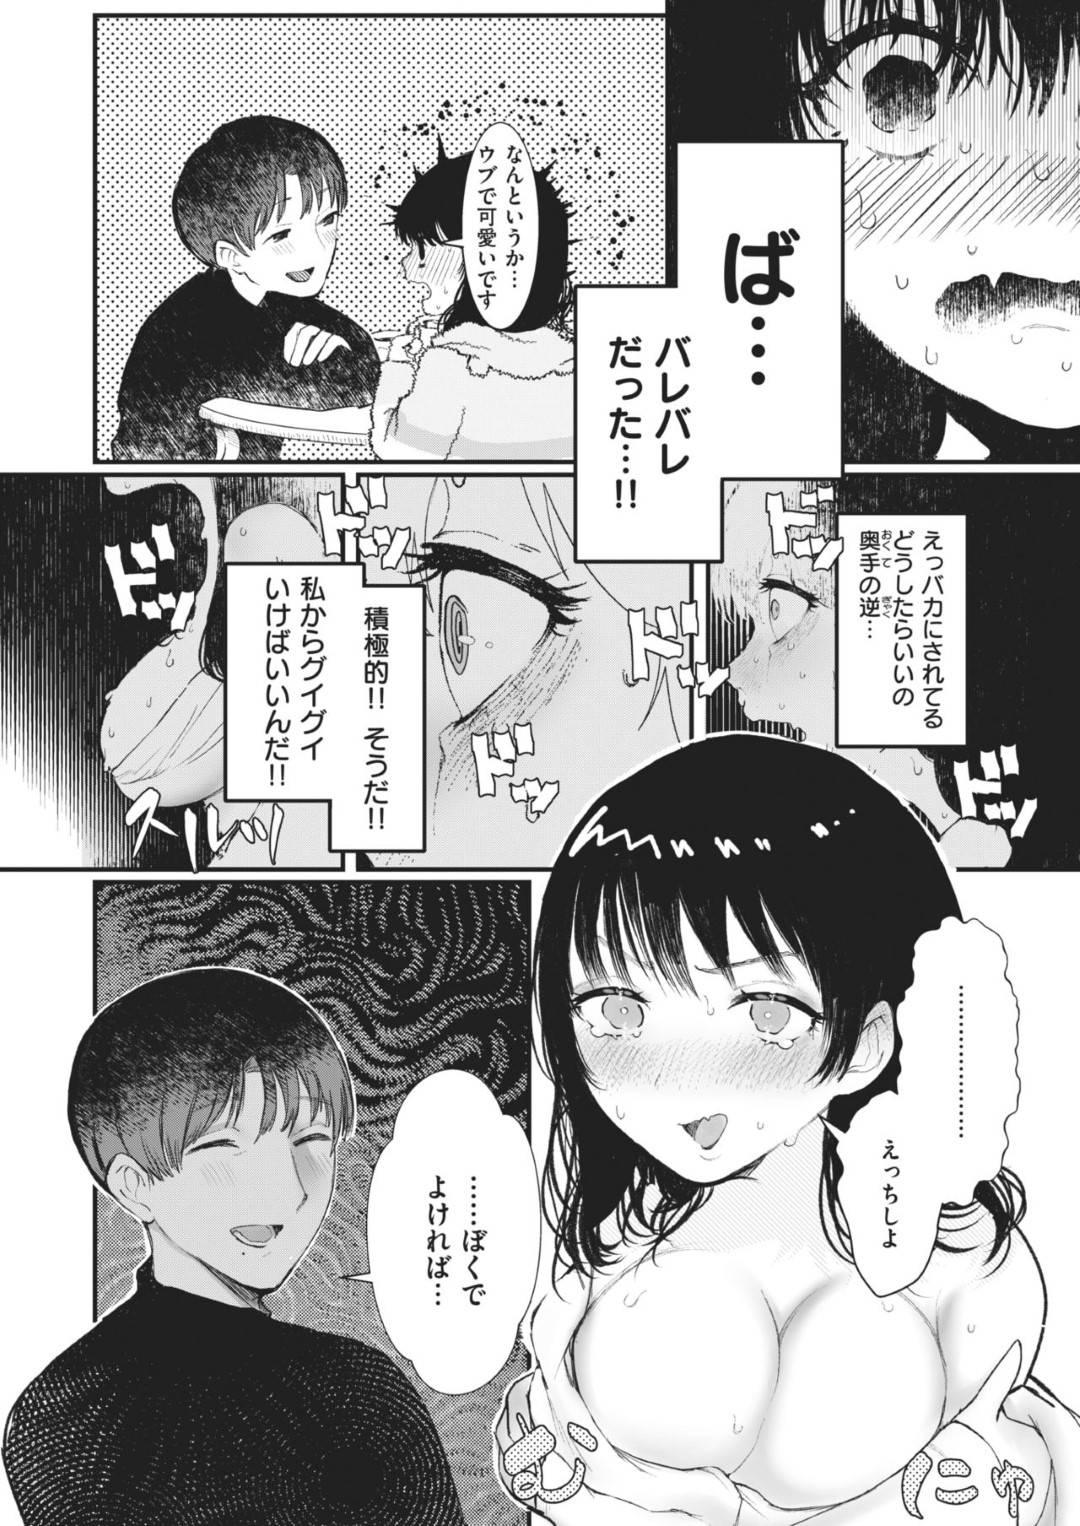 【エロ漫画】合コンの時に出会った非オタ風イケメンを持ち帰る元アイドルは初めてのセックスで後ろからハメられイキまくる